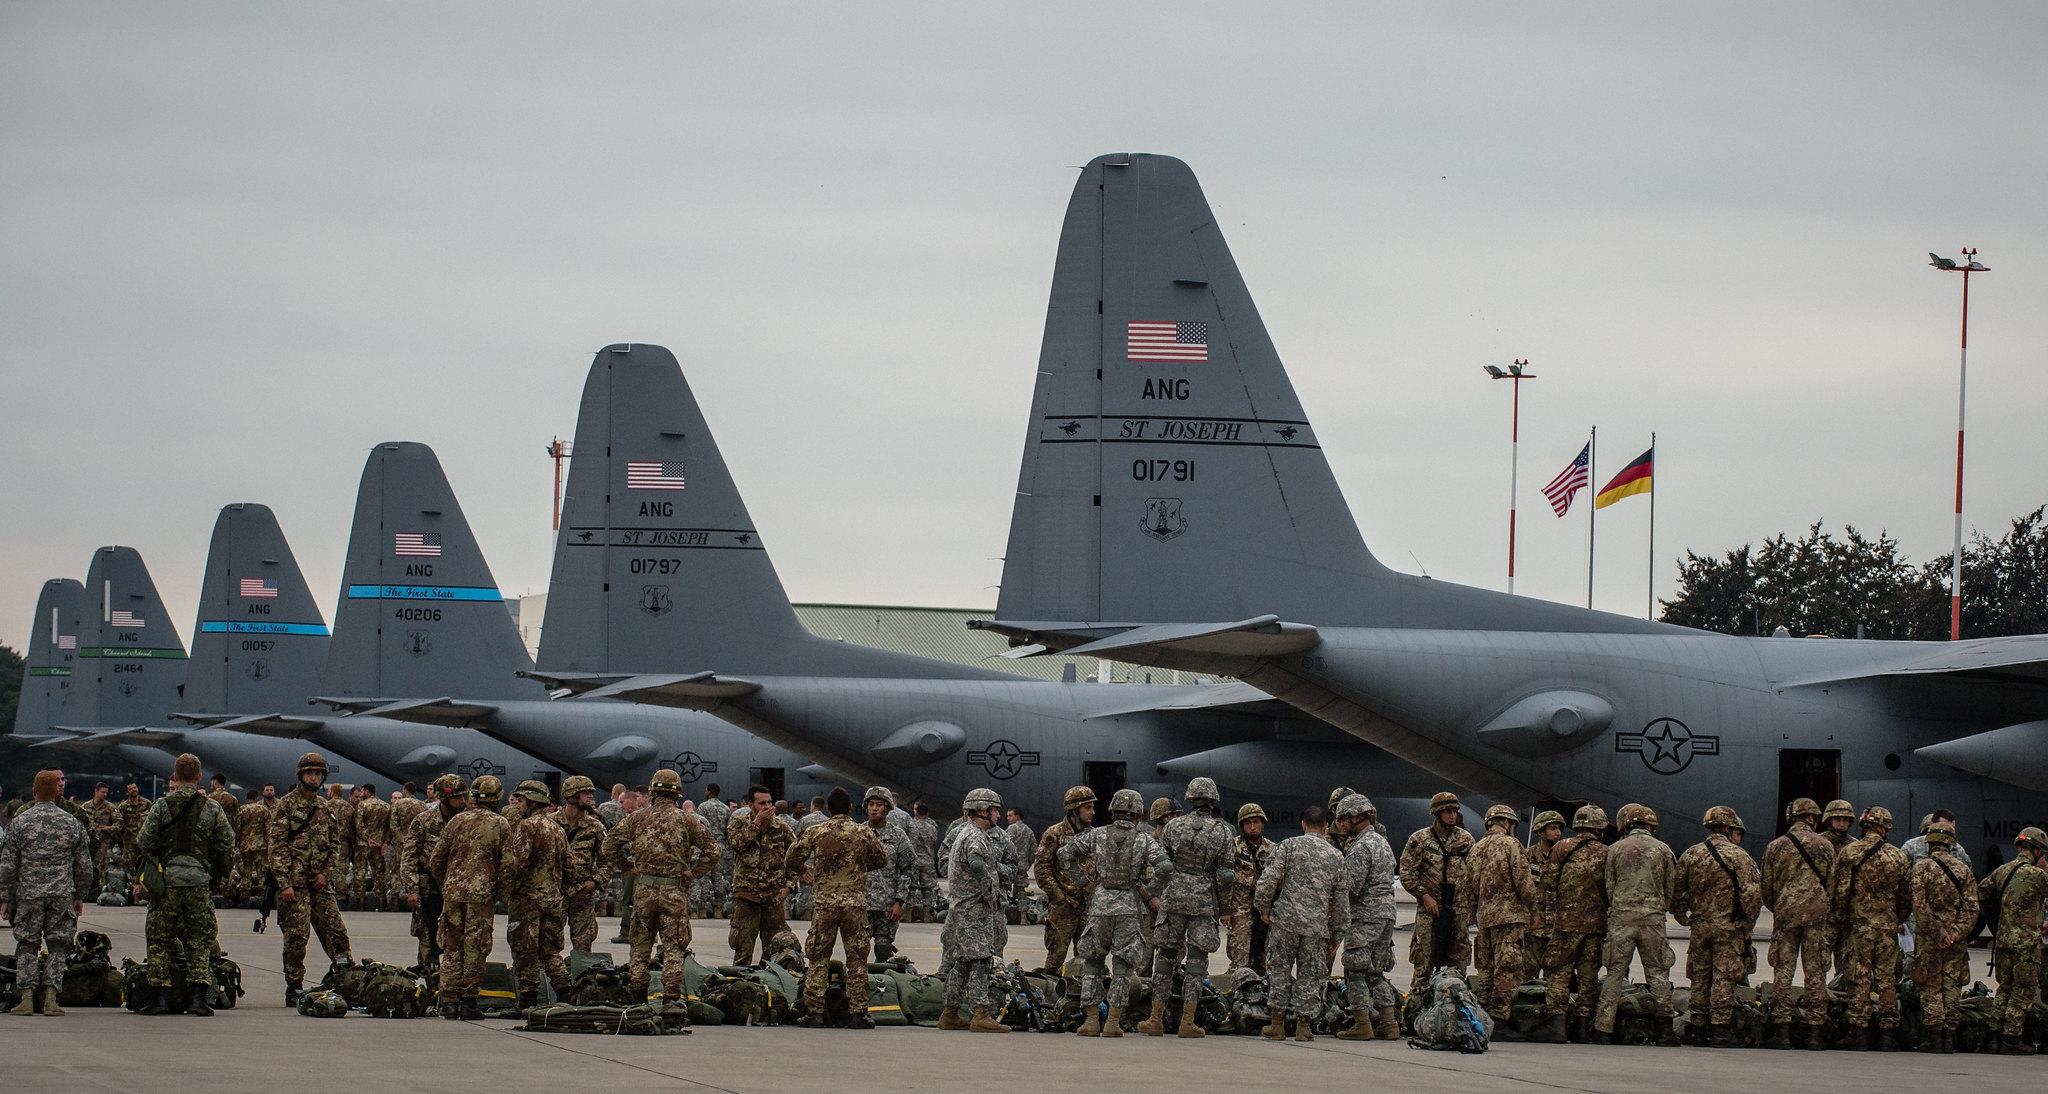 US-amerikanische und italienische Soldaten kurz vor einer gemeinsamen Übung am Militärstützpunkt Ramstein in der Rheinland-Pfalz